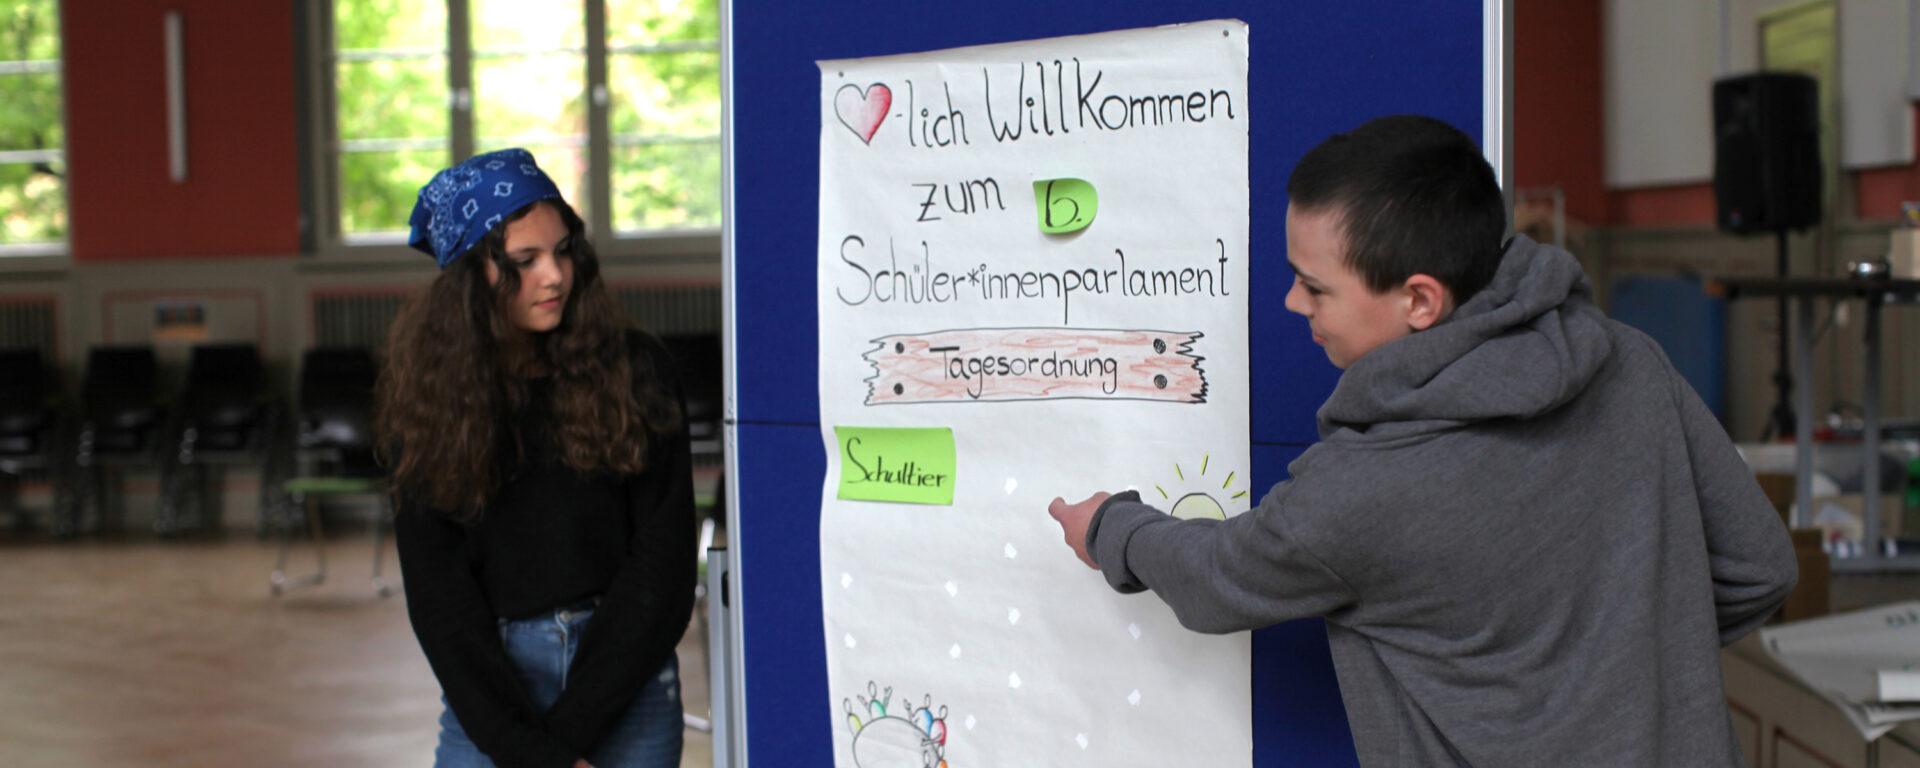 Zwei Schülervertreter*innen sammeln Punkte für die Tagesordnung beim Schüler*innenparlament